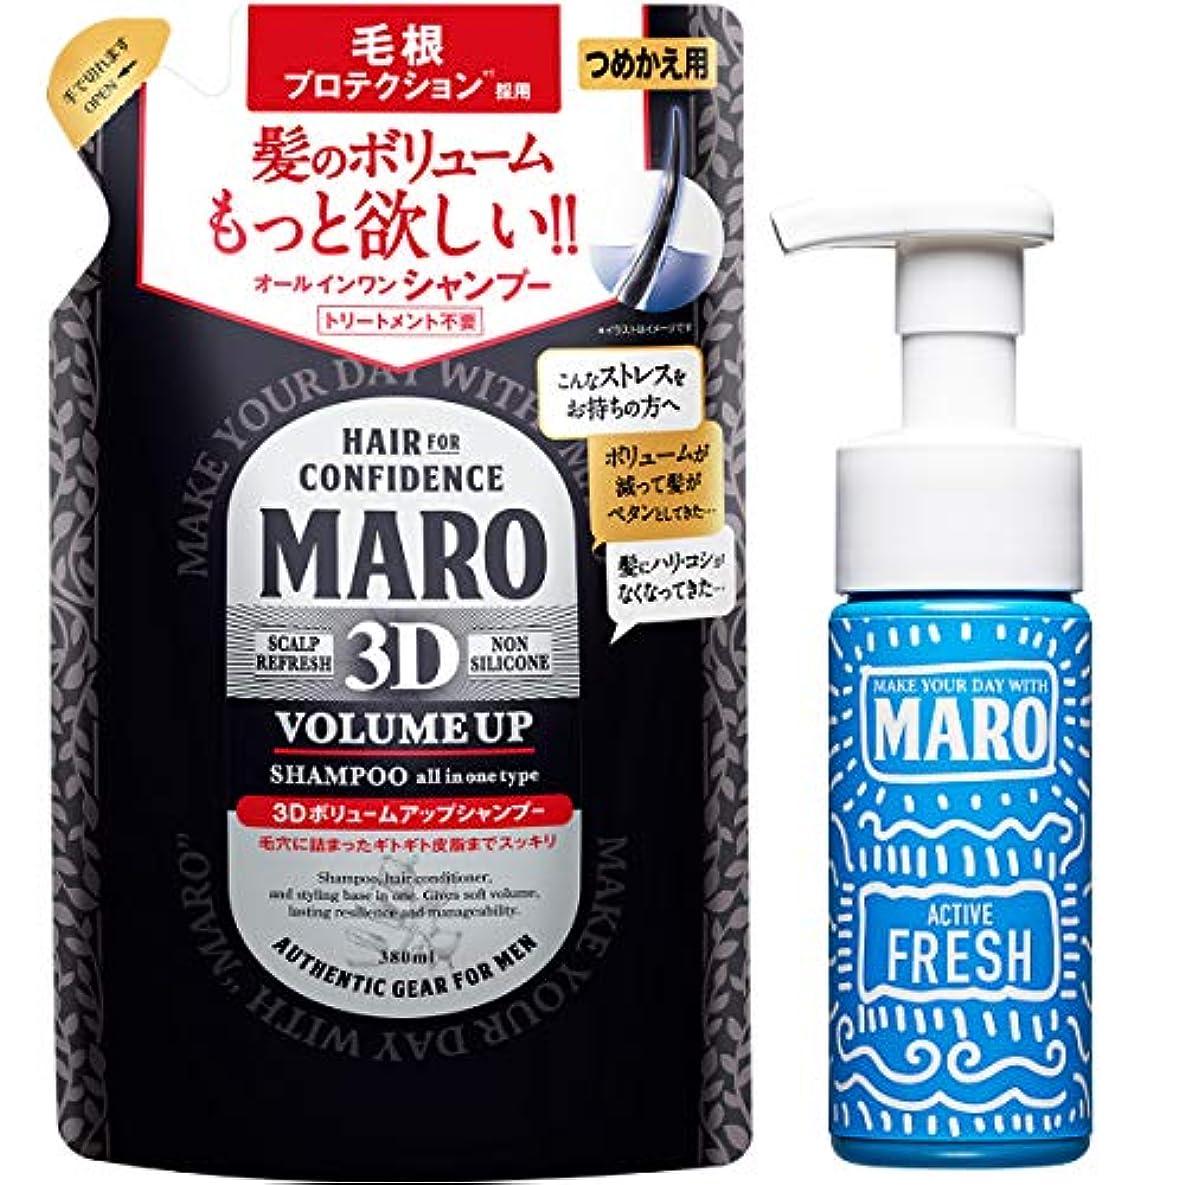 第等価独立してMARO(マーロ) 3Dシャンプー 泡洗顔付き セット 380ml+150ml